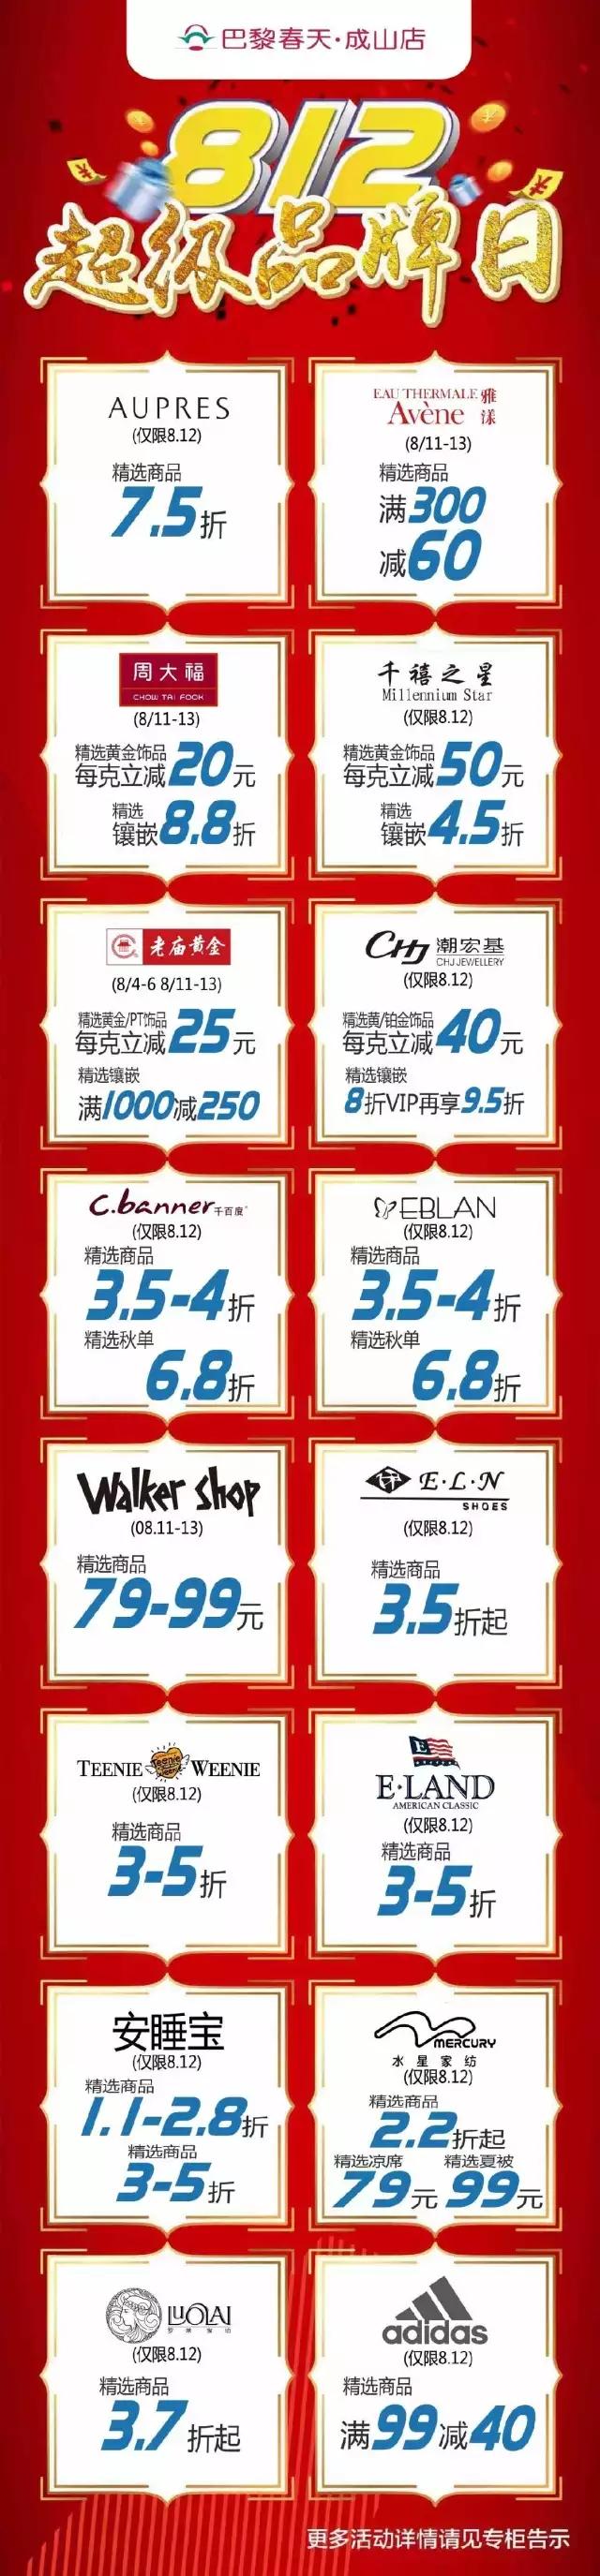 巴黎春天成山店812超级品牌日 3折起